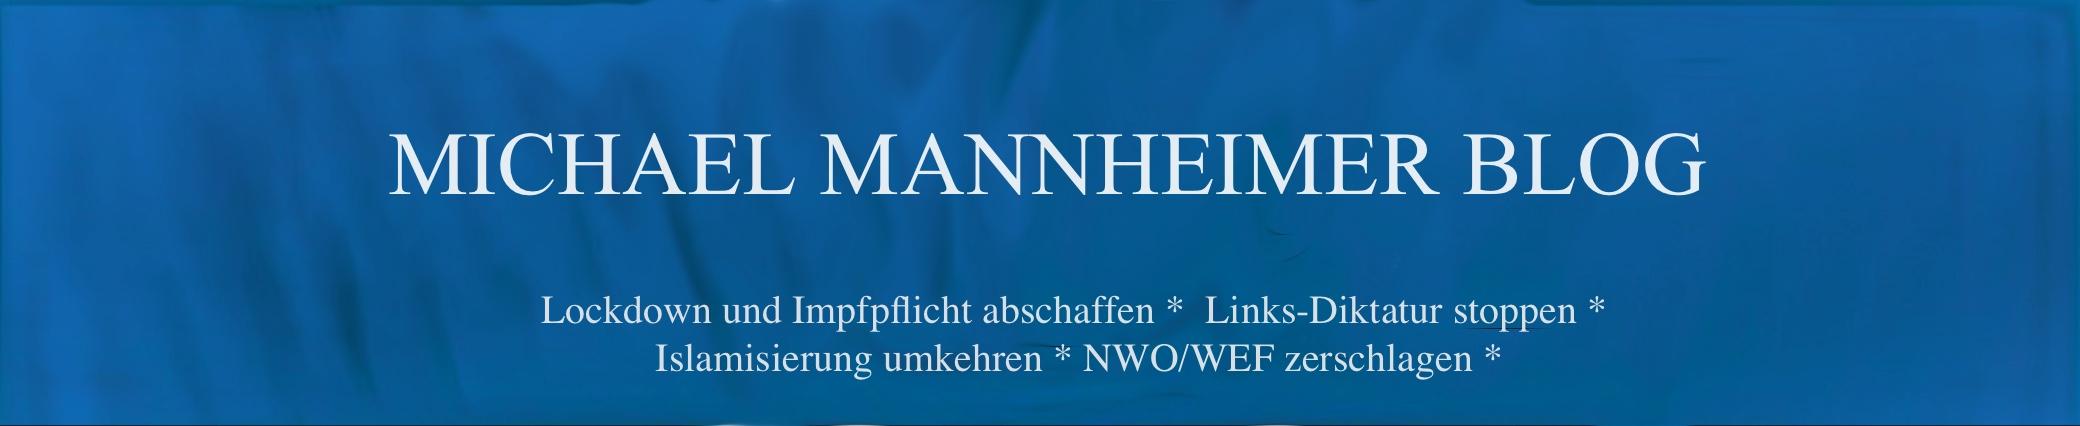 Blog de Michael Mannheimer